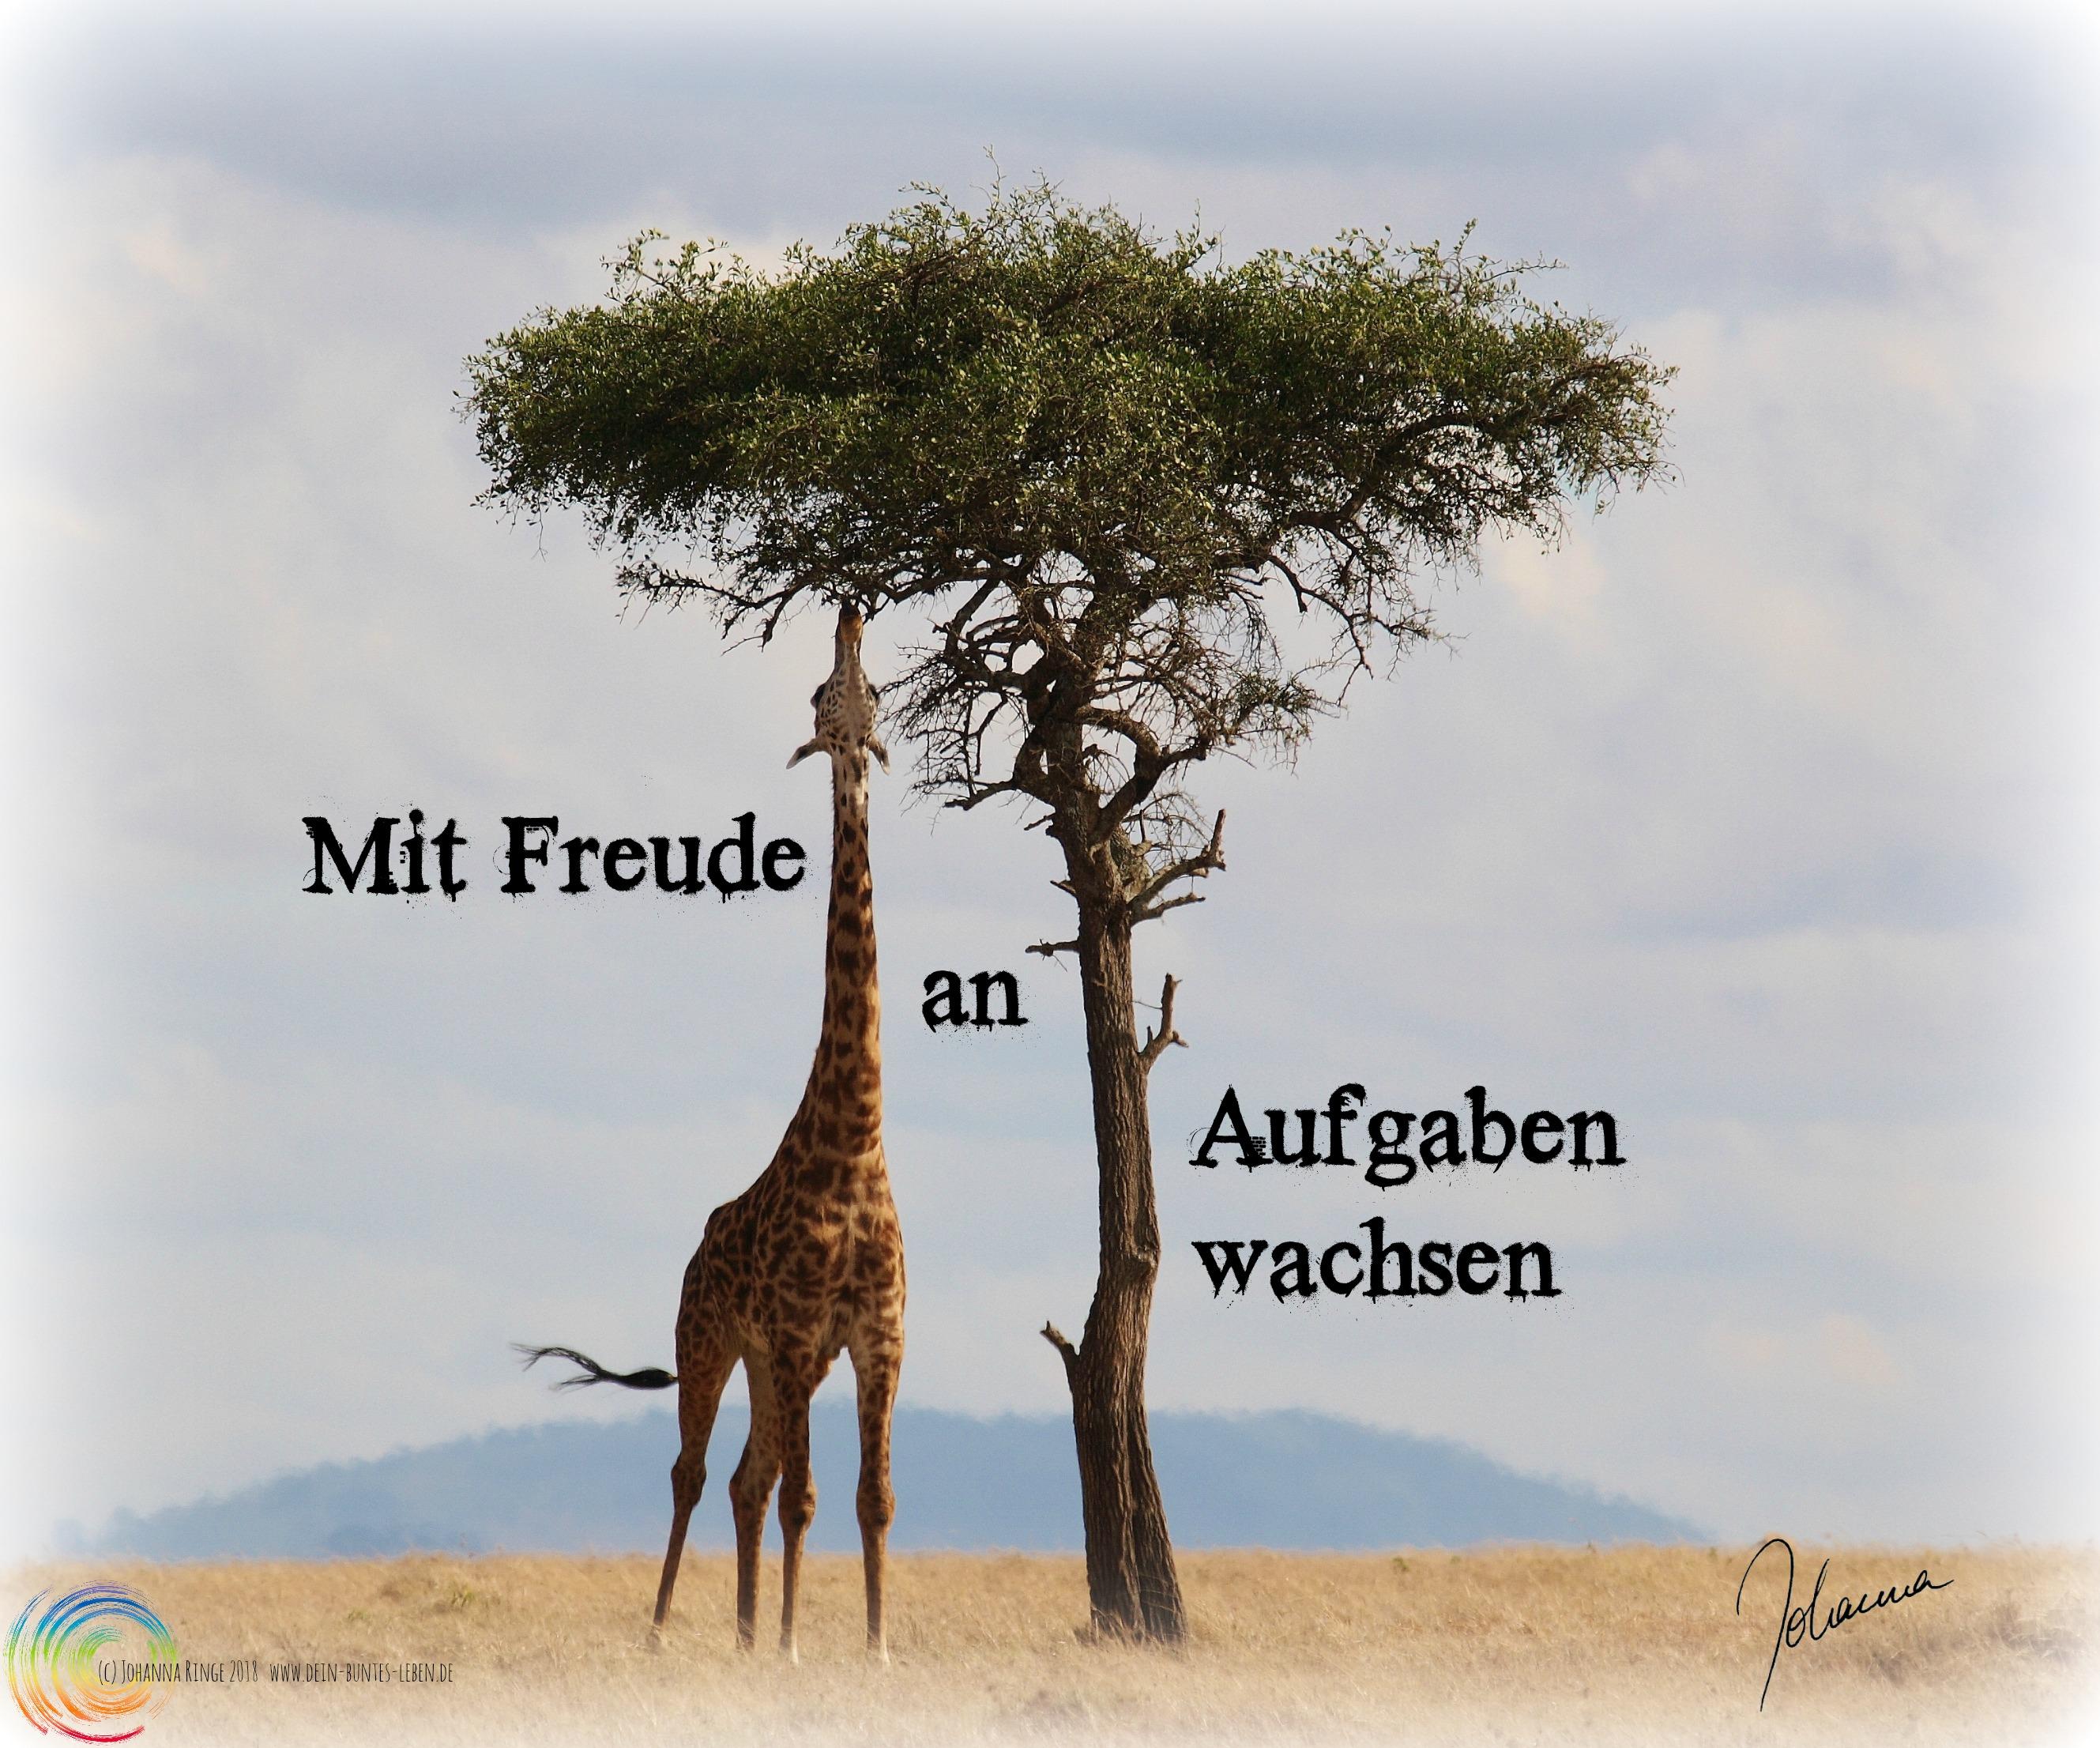 Foto von Giraffe die sich nach Blättern streckt mit Text: Mit Freude an Aufgaben wachsen (c)Johanna Ringe 2018 www.dein-buntes-leben.de